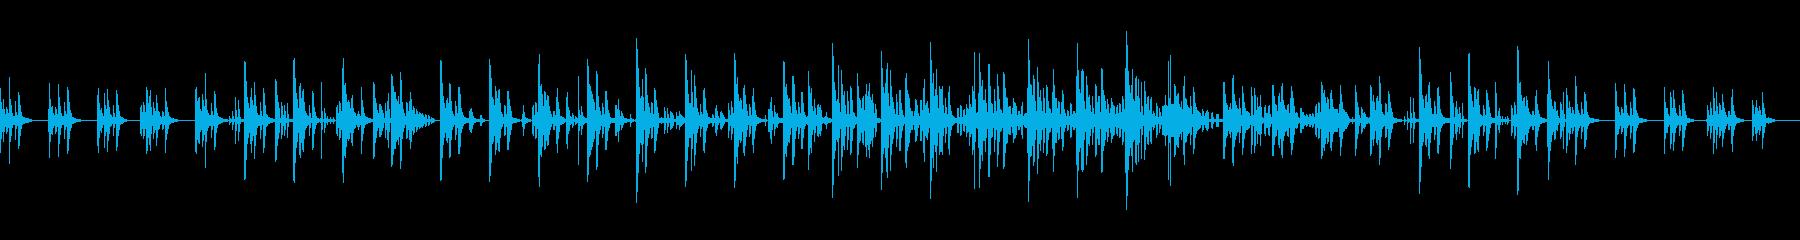 企んでいる時のBGM・シンプルverの再生済みの波形